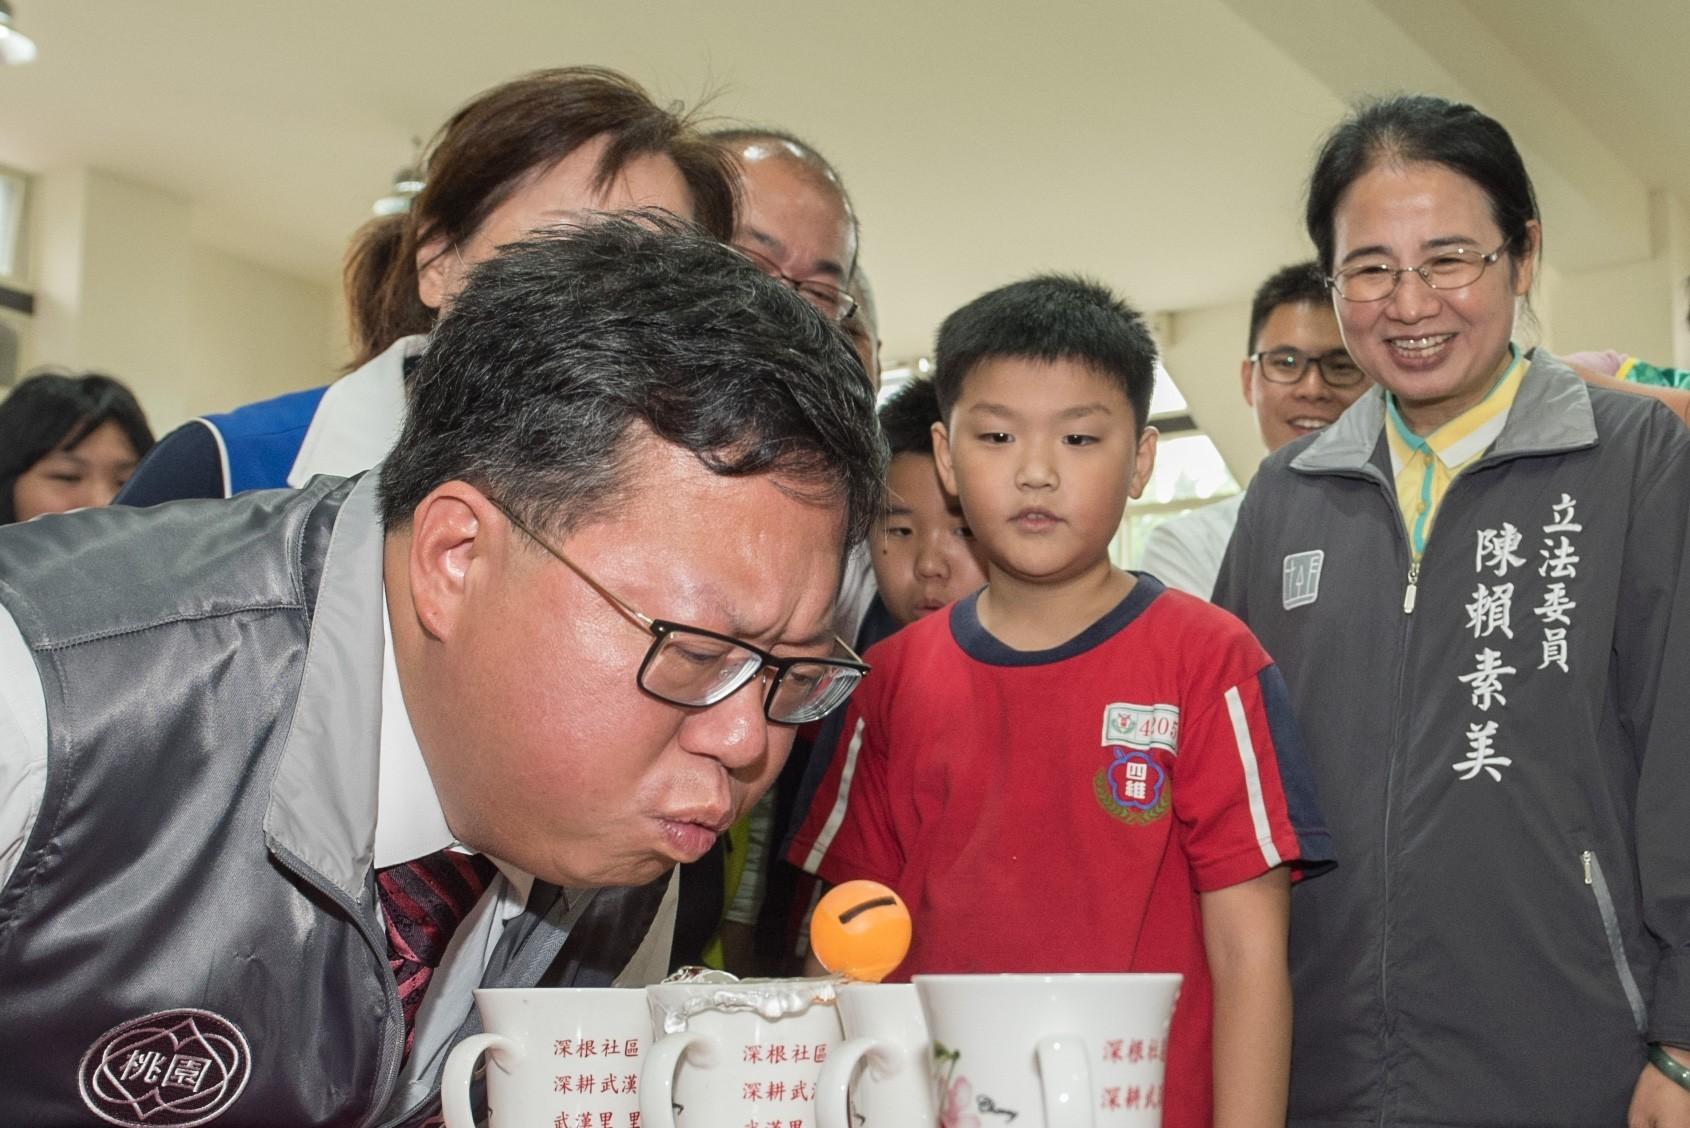 市長體驗園遊會的闖關遊戲